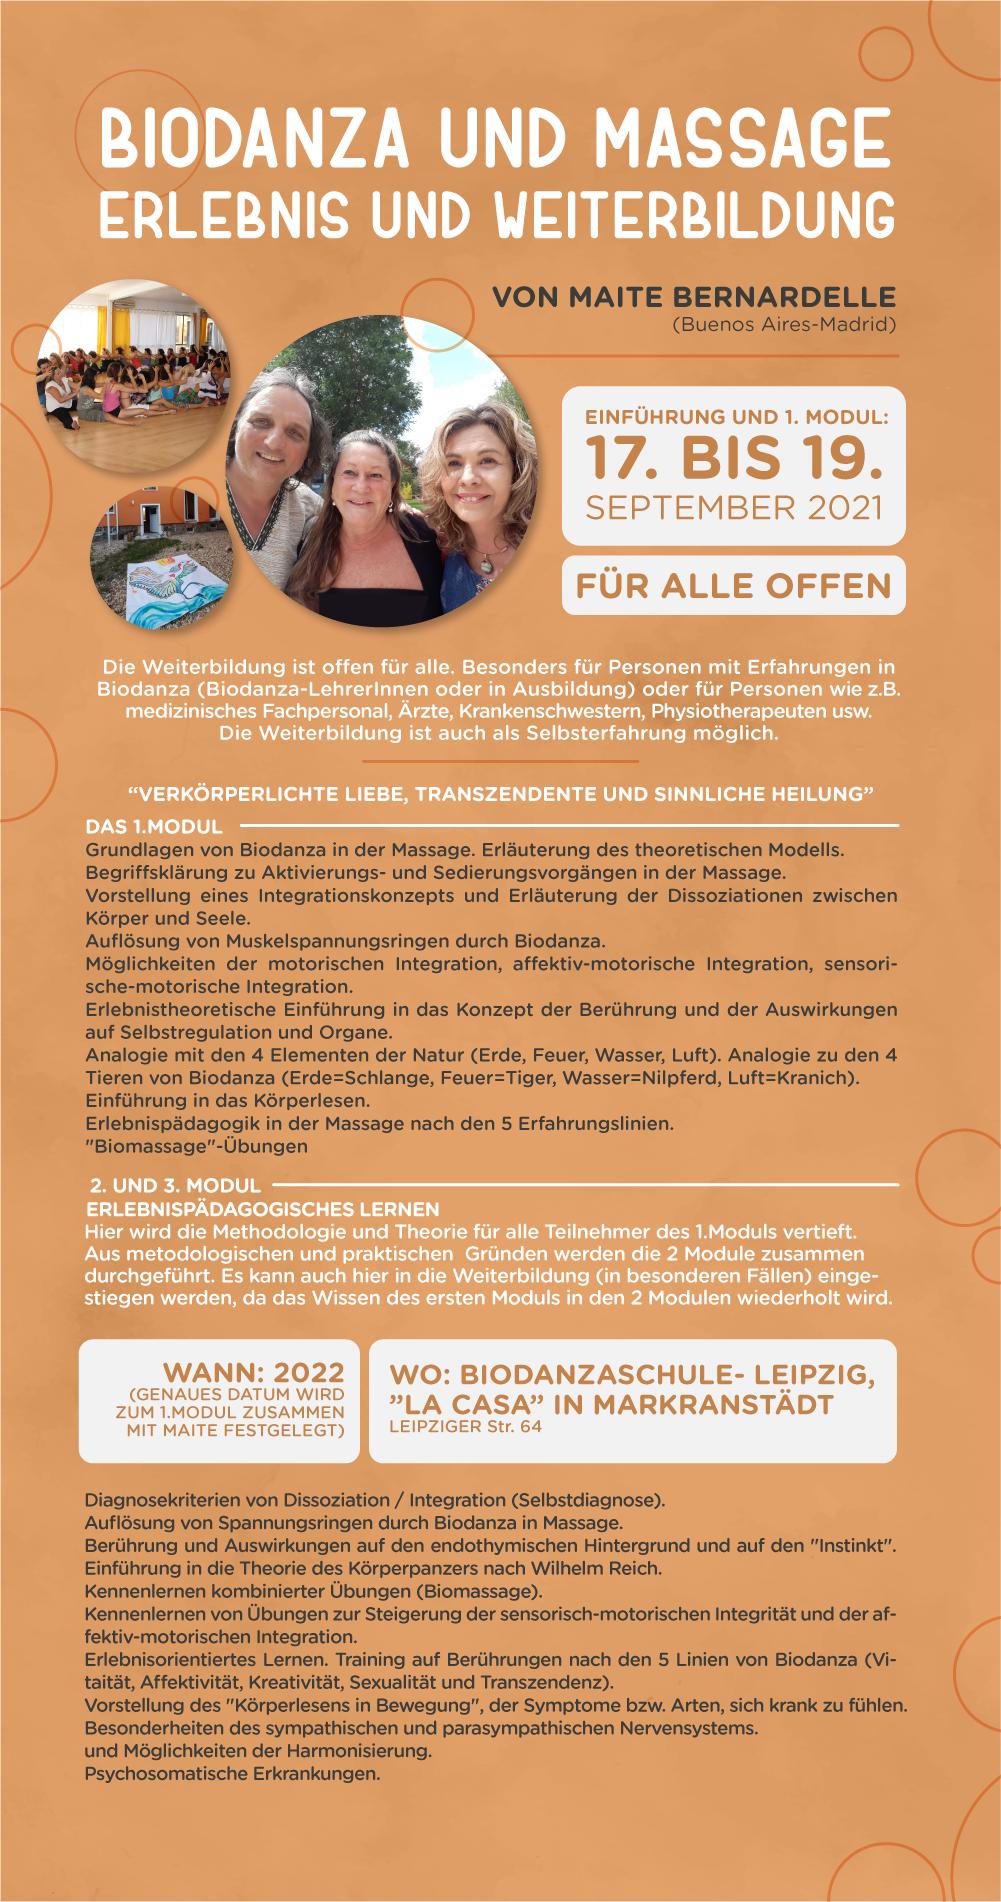 Maite biodanza y masaje_Mesa de trabajo 1 copia